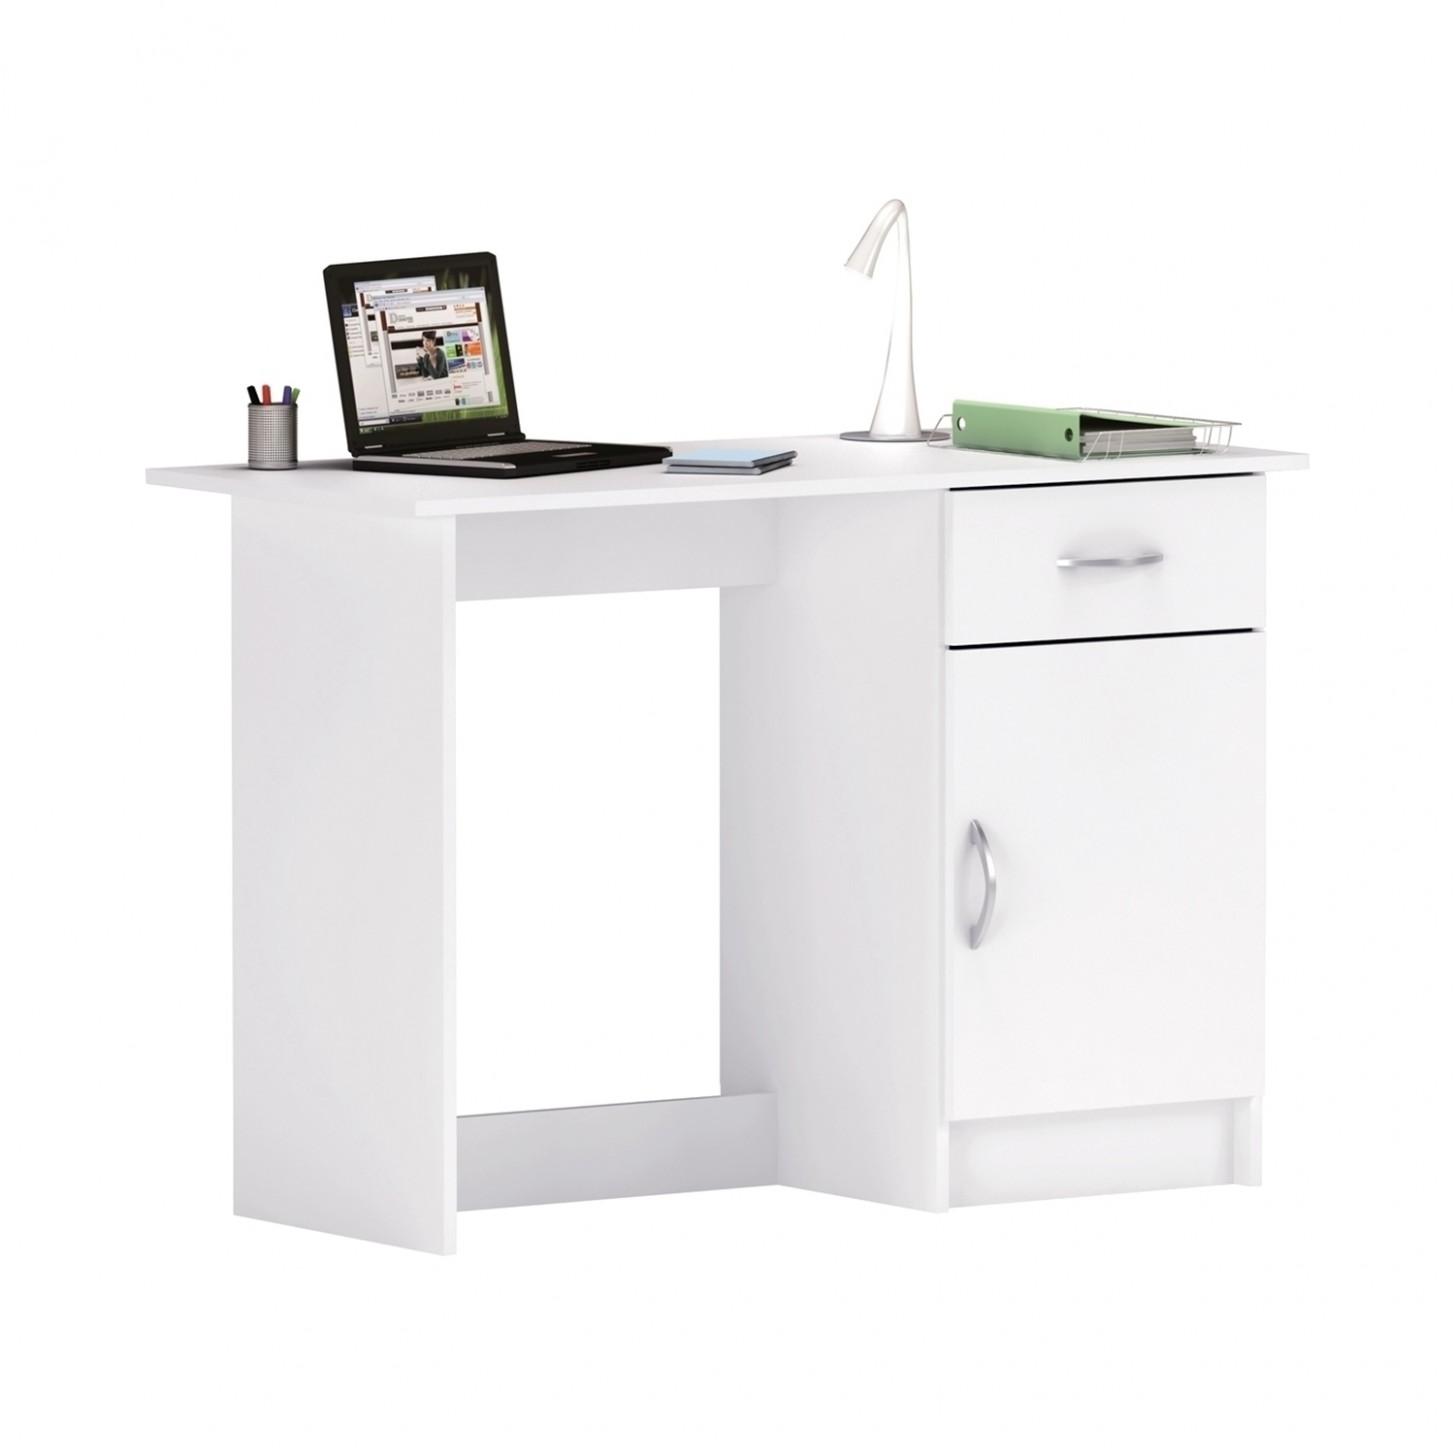 Příklad Nápady Nejlepší Psací a PC stoly